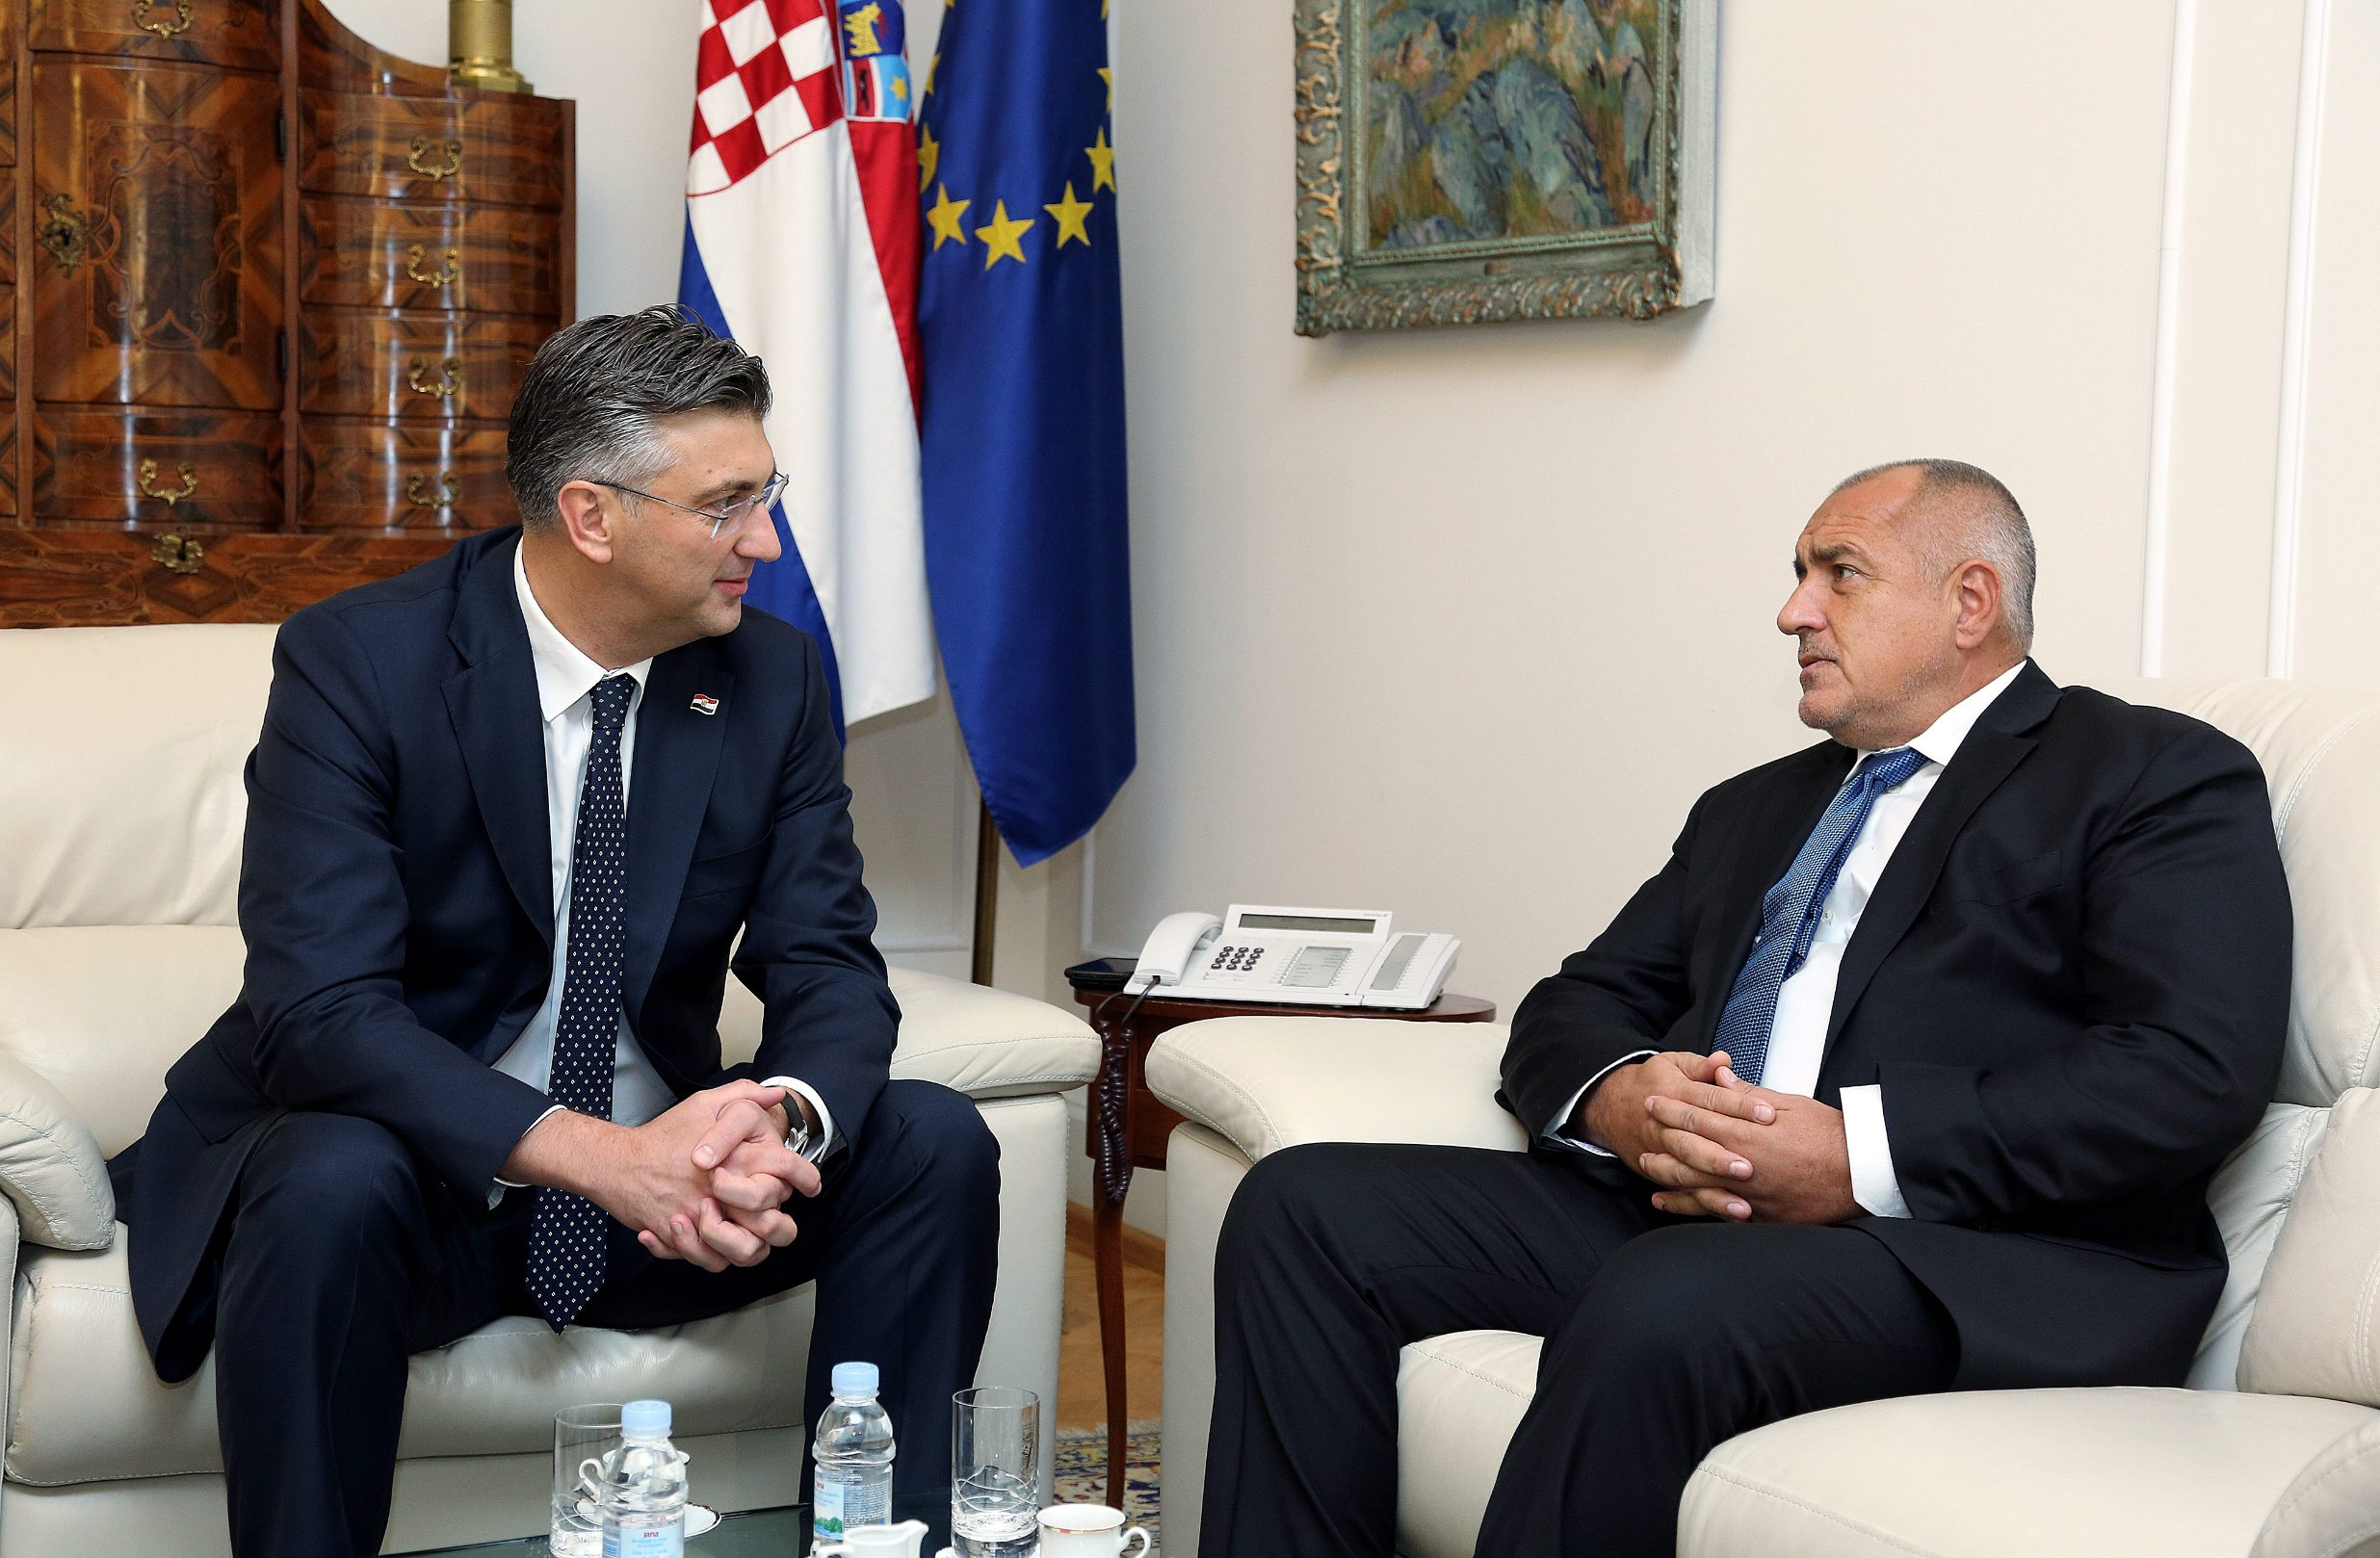 Premijer Plenković u sklopu Kongresa EPP-a primio je bugarskog premijera Boyka Borissova.